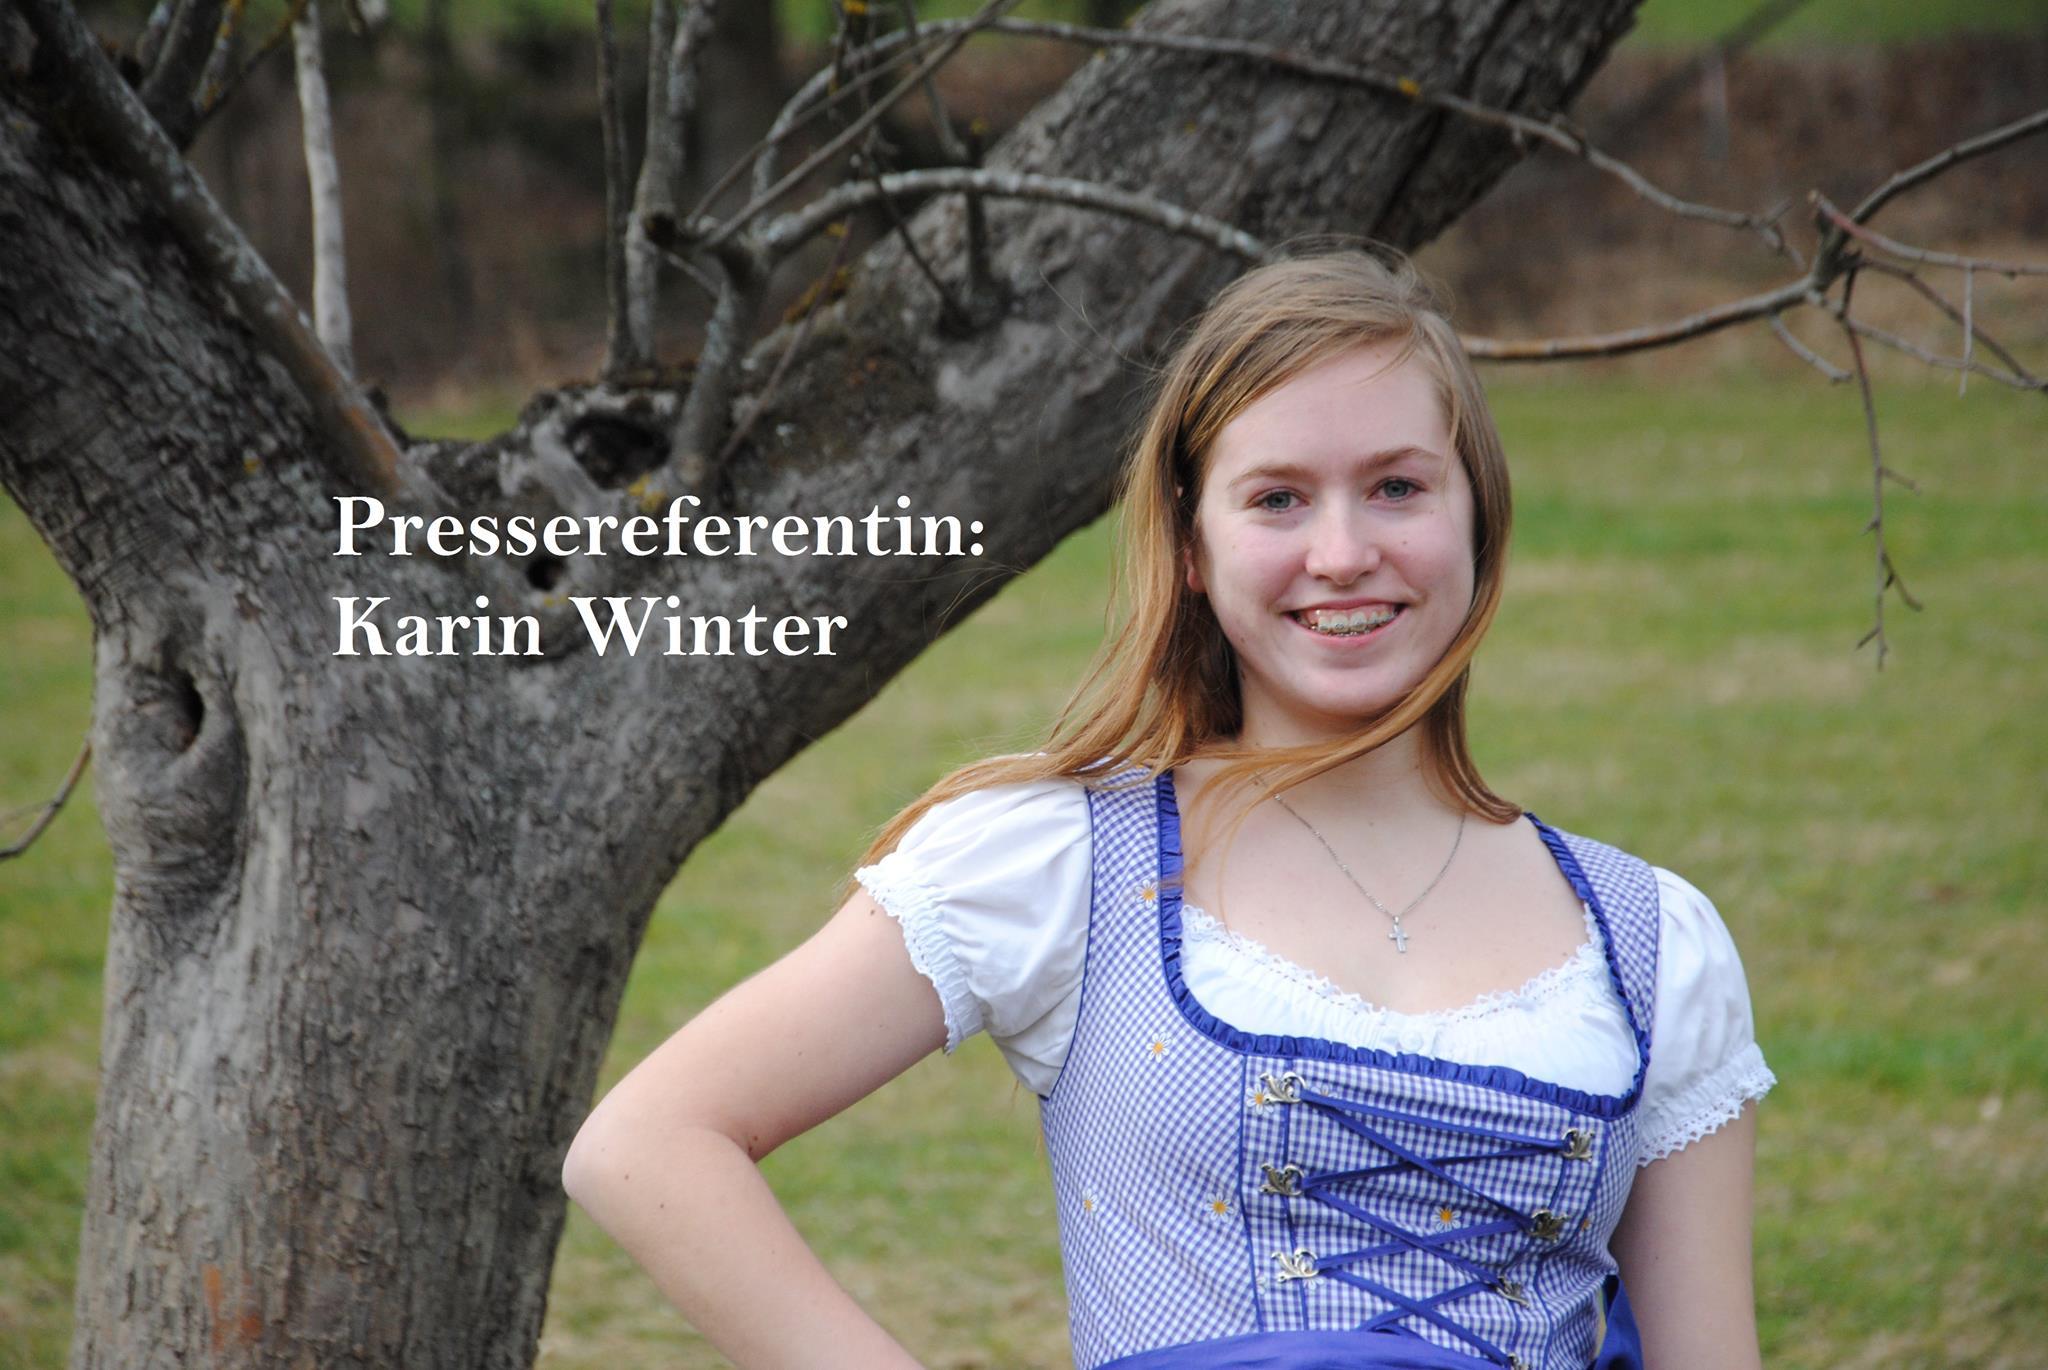 Karin Winter